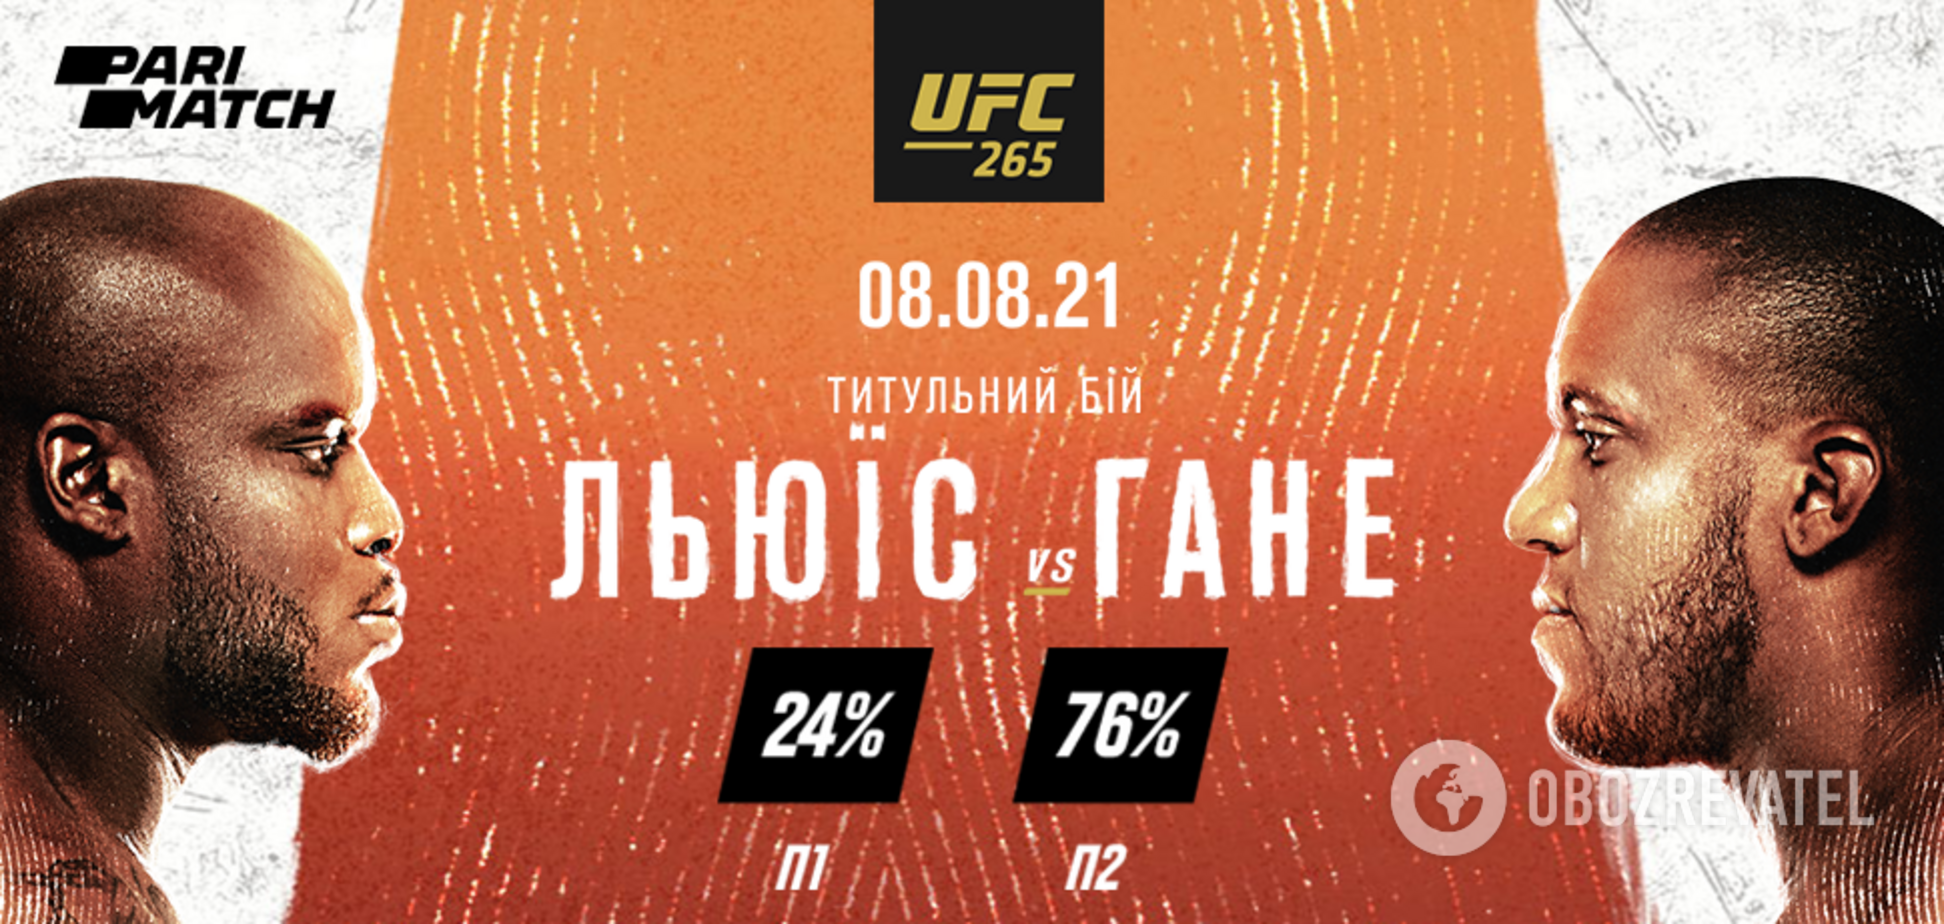 Льюїс – Гане: прогноз на головний бій UFC 265